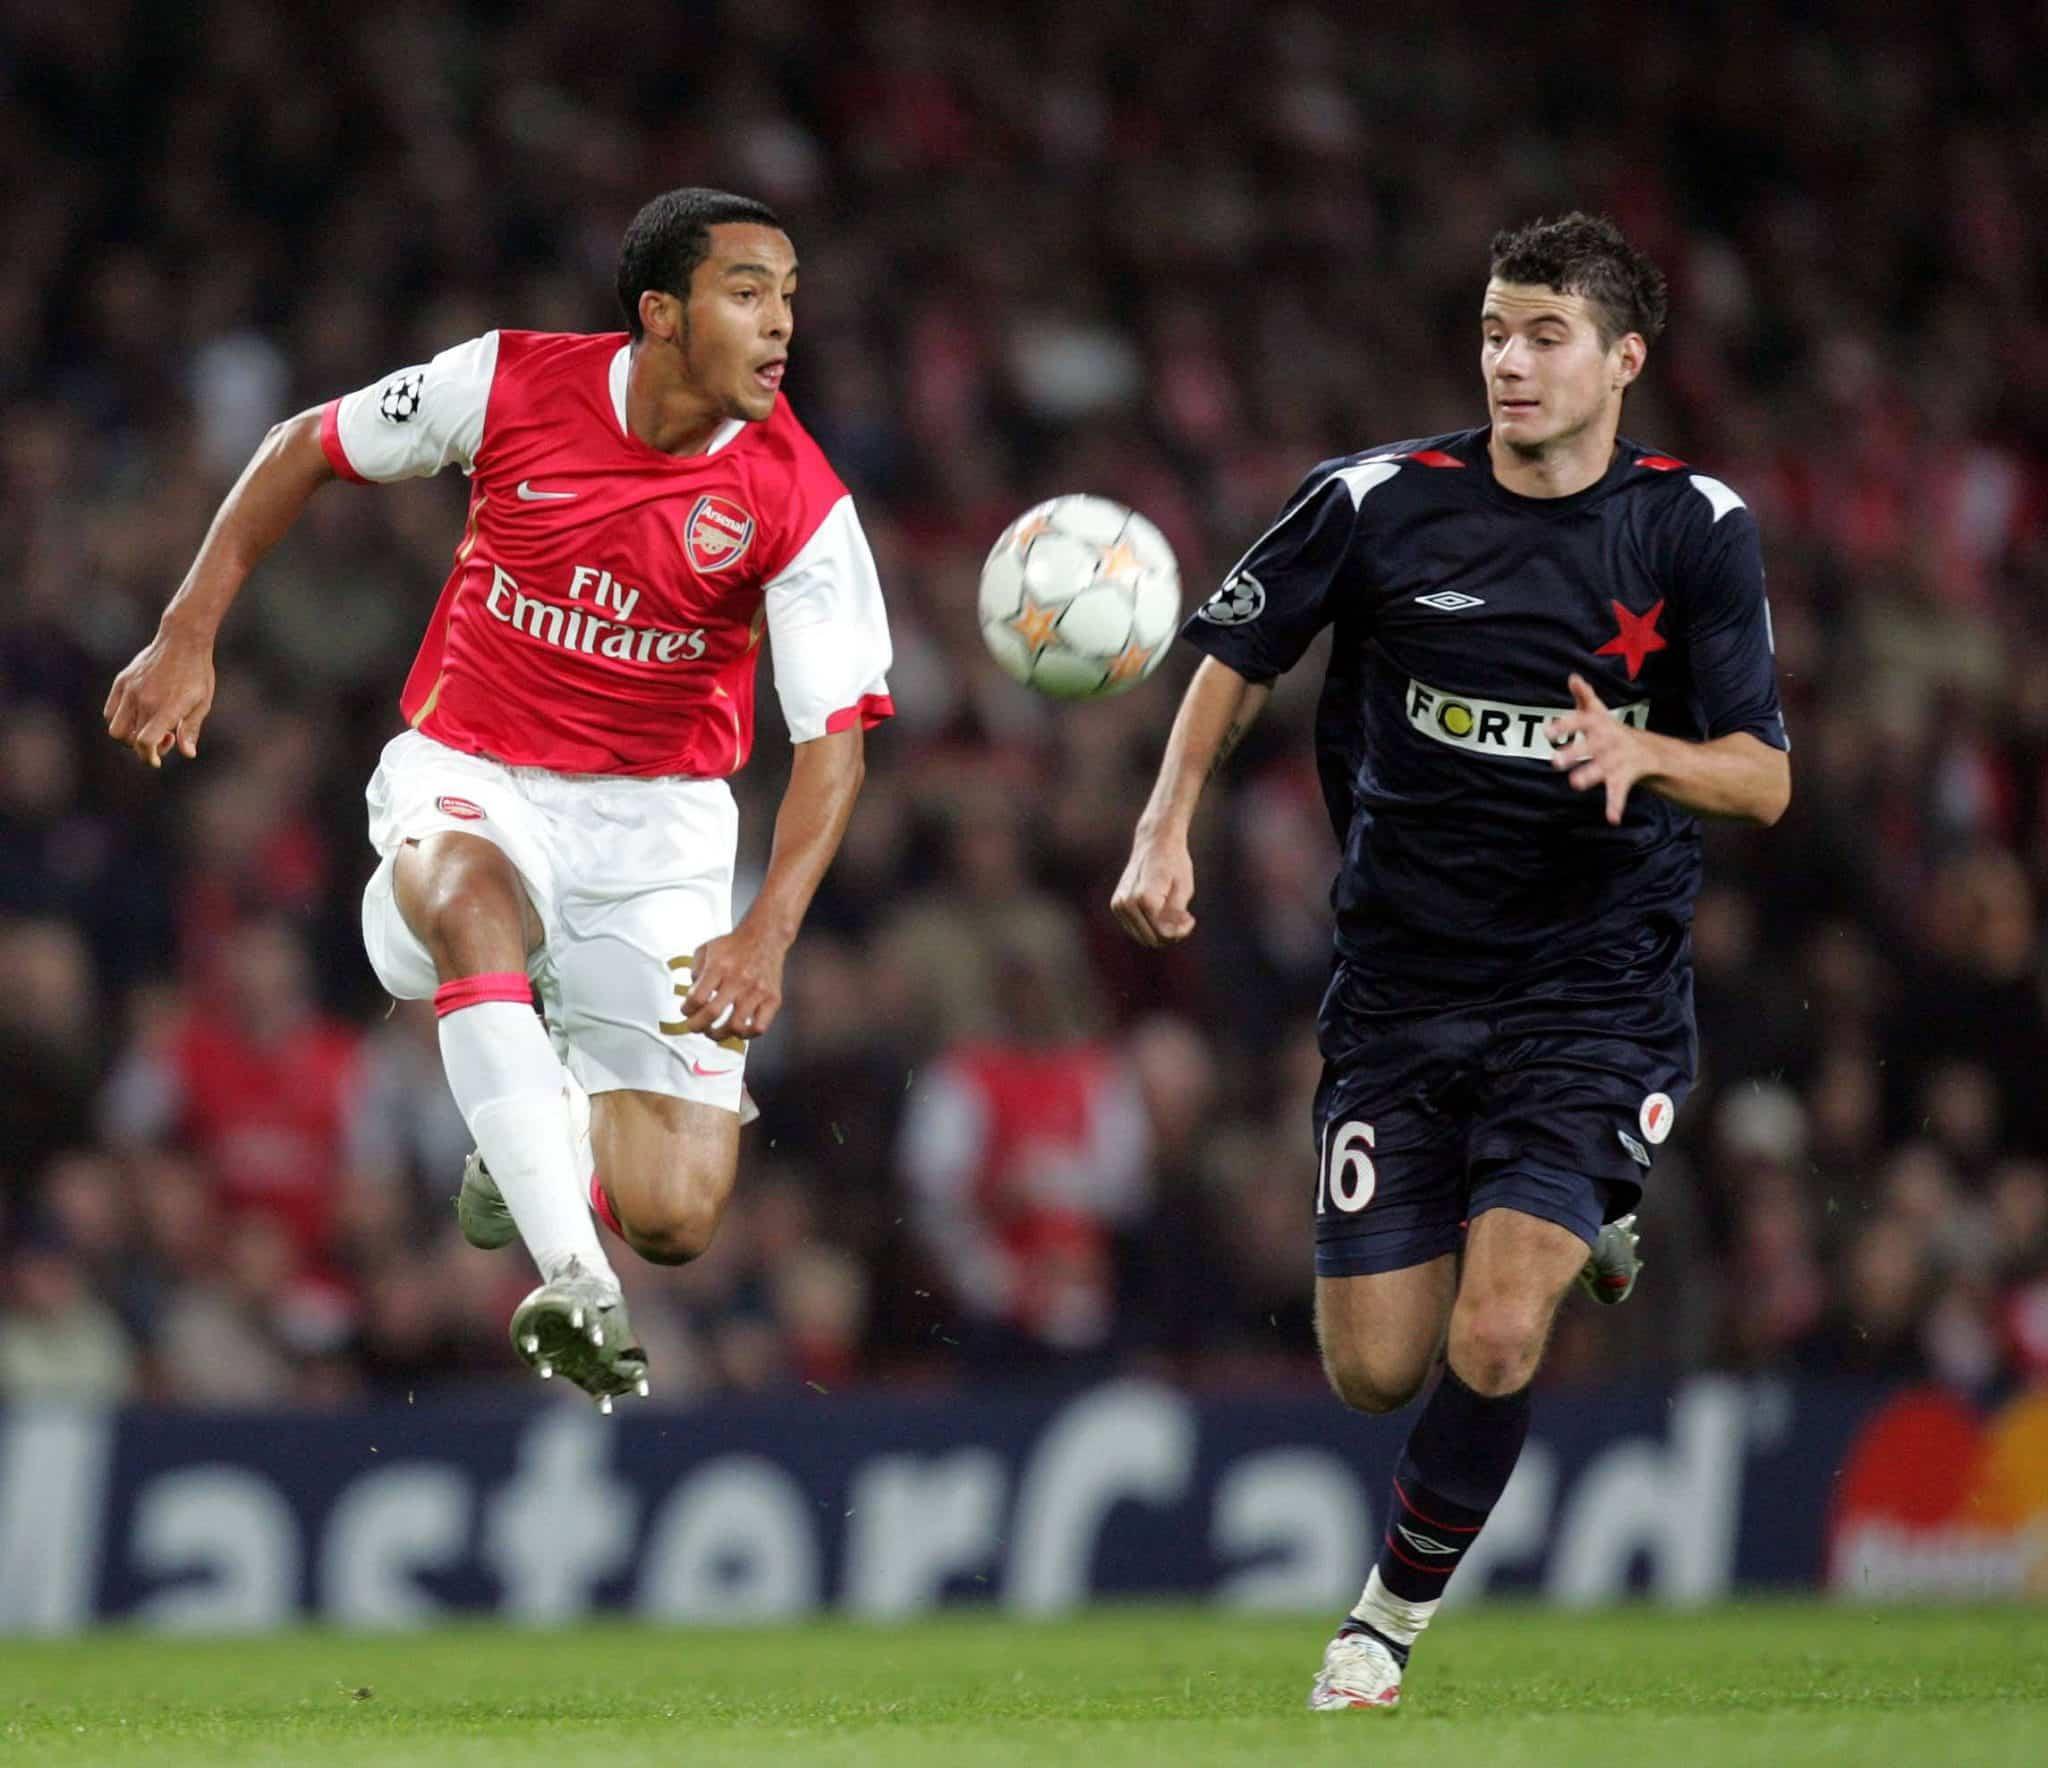 Relembrando o 7 a 0 do Arsenal no Slavia Praga pela Champions League em 2007